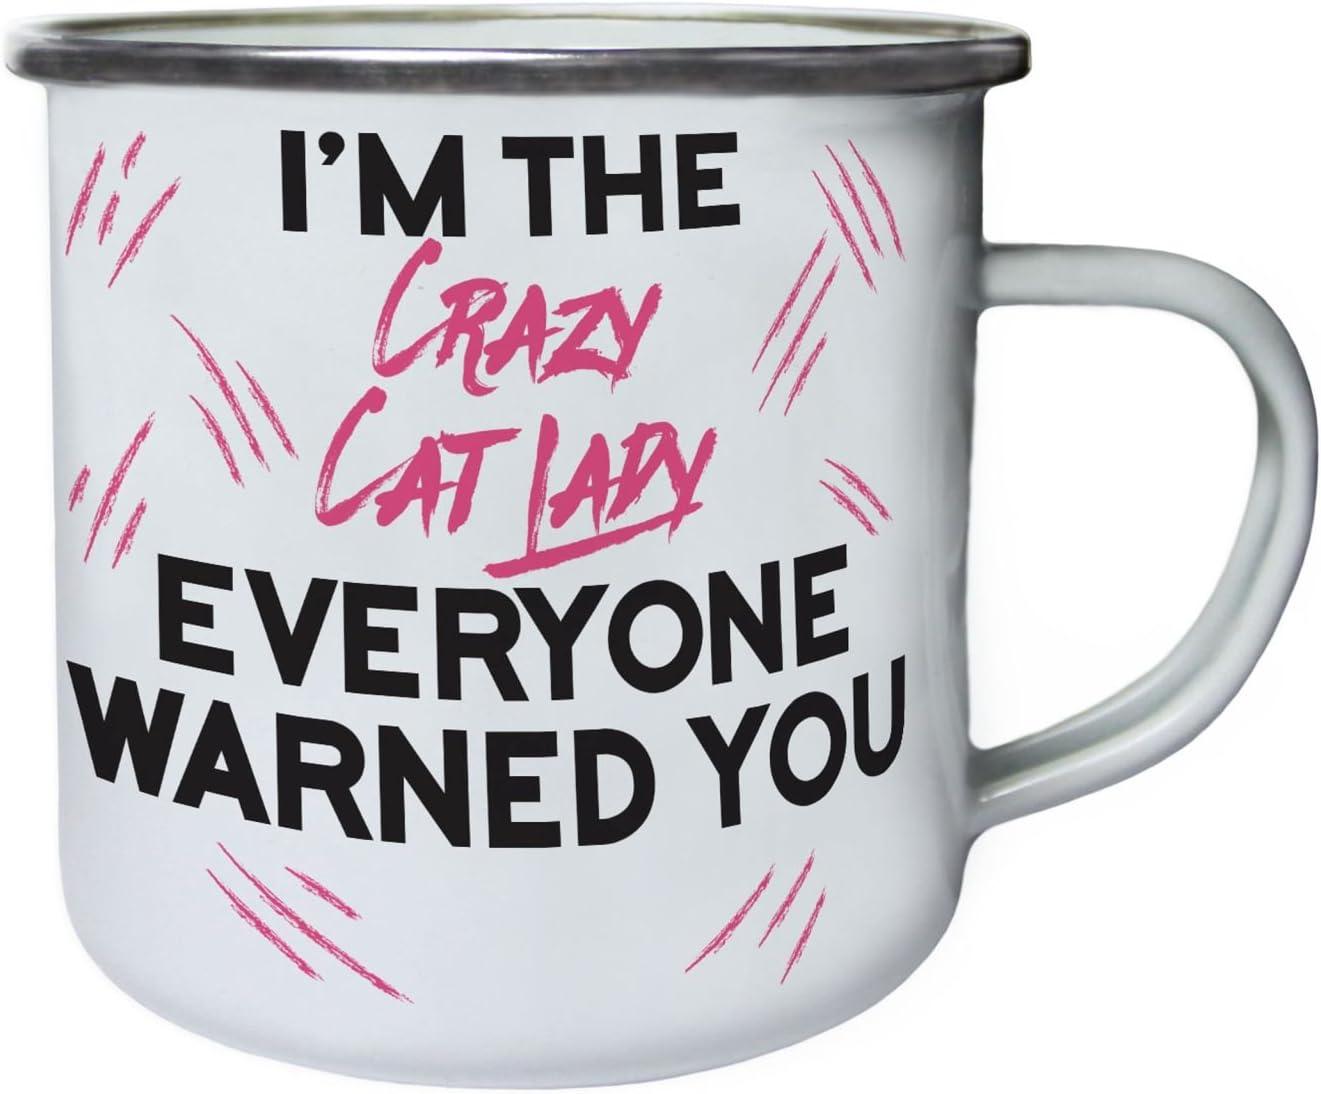 Soy la loca señora del gato que todos te advertí Retro, lata, taza del esmalte 10oz/280ml cc745e: Amazon.es: Hogar